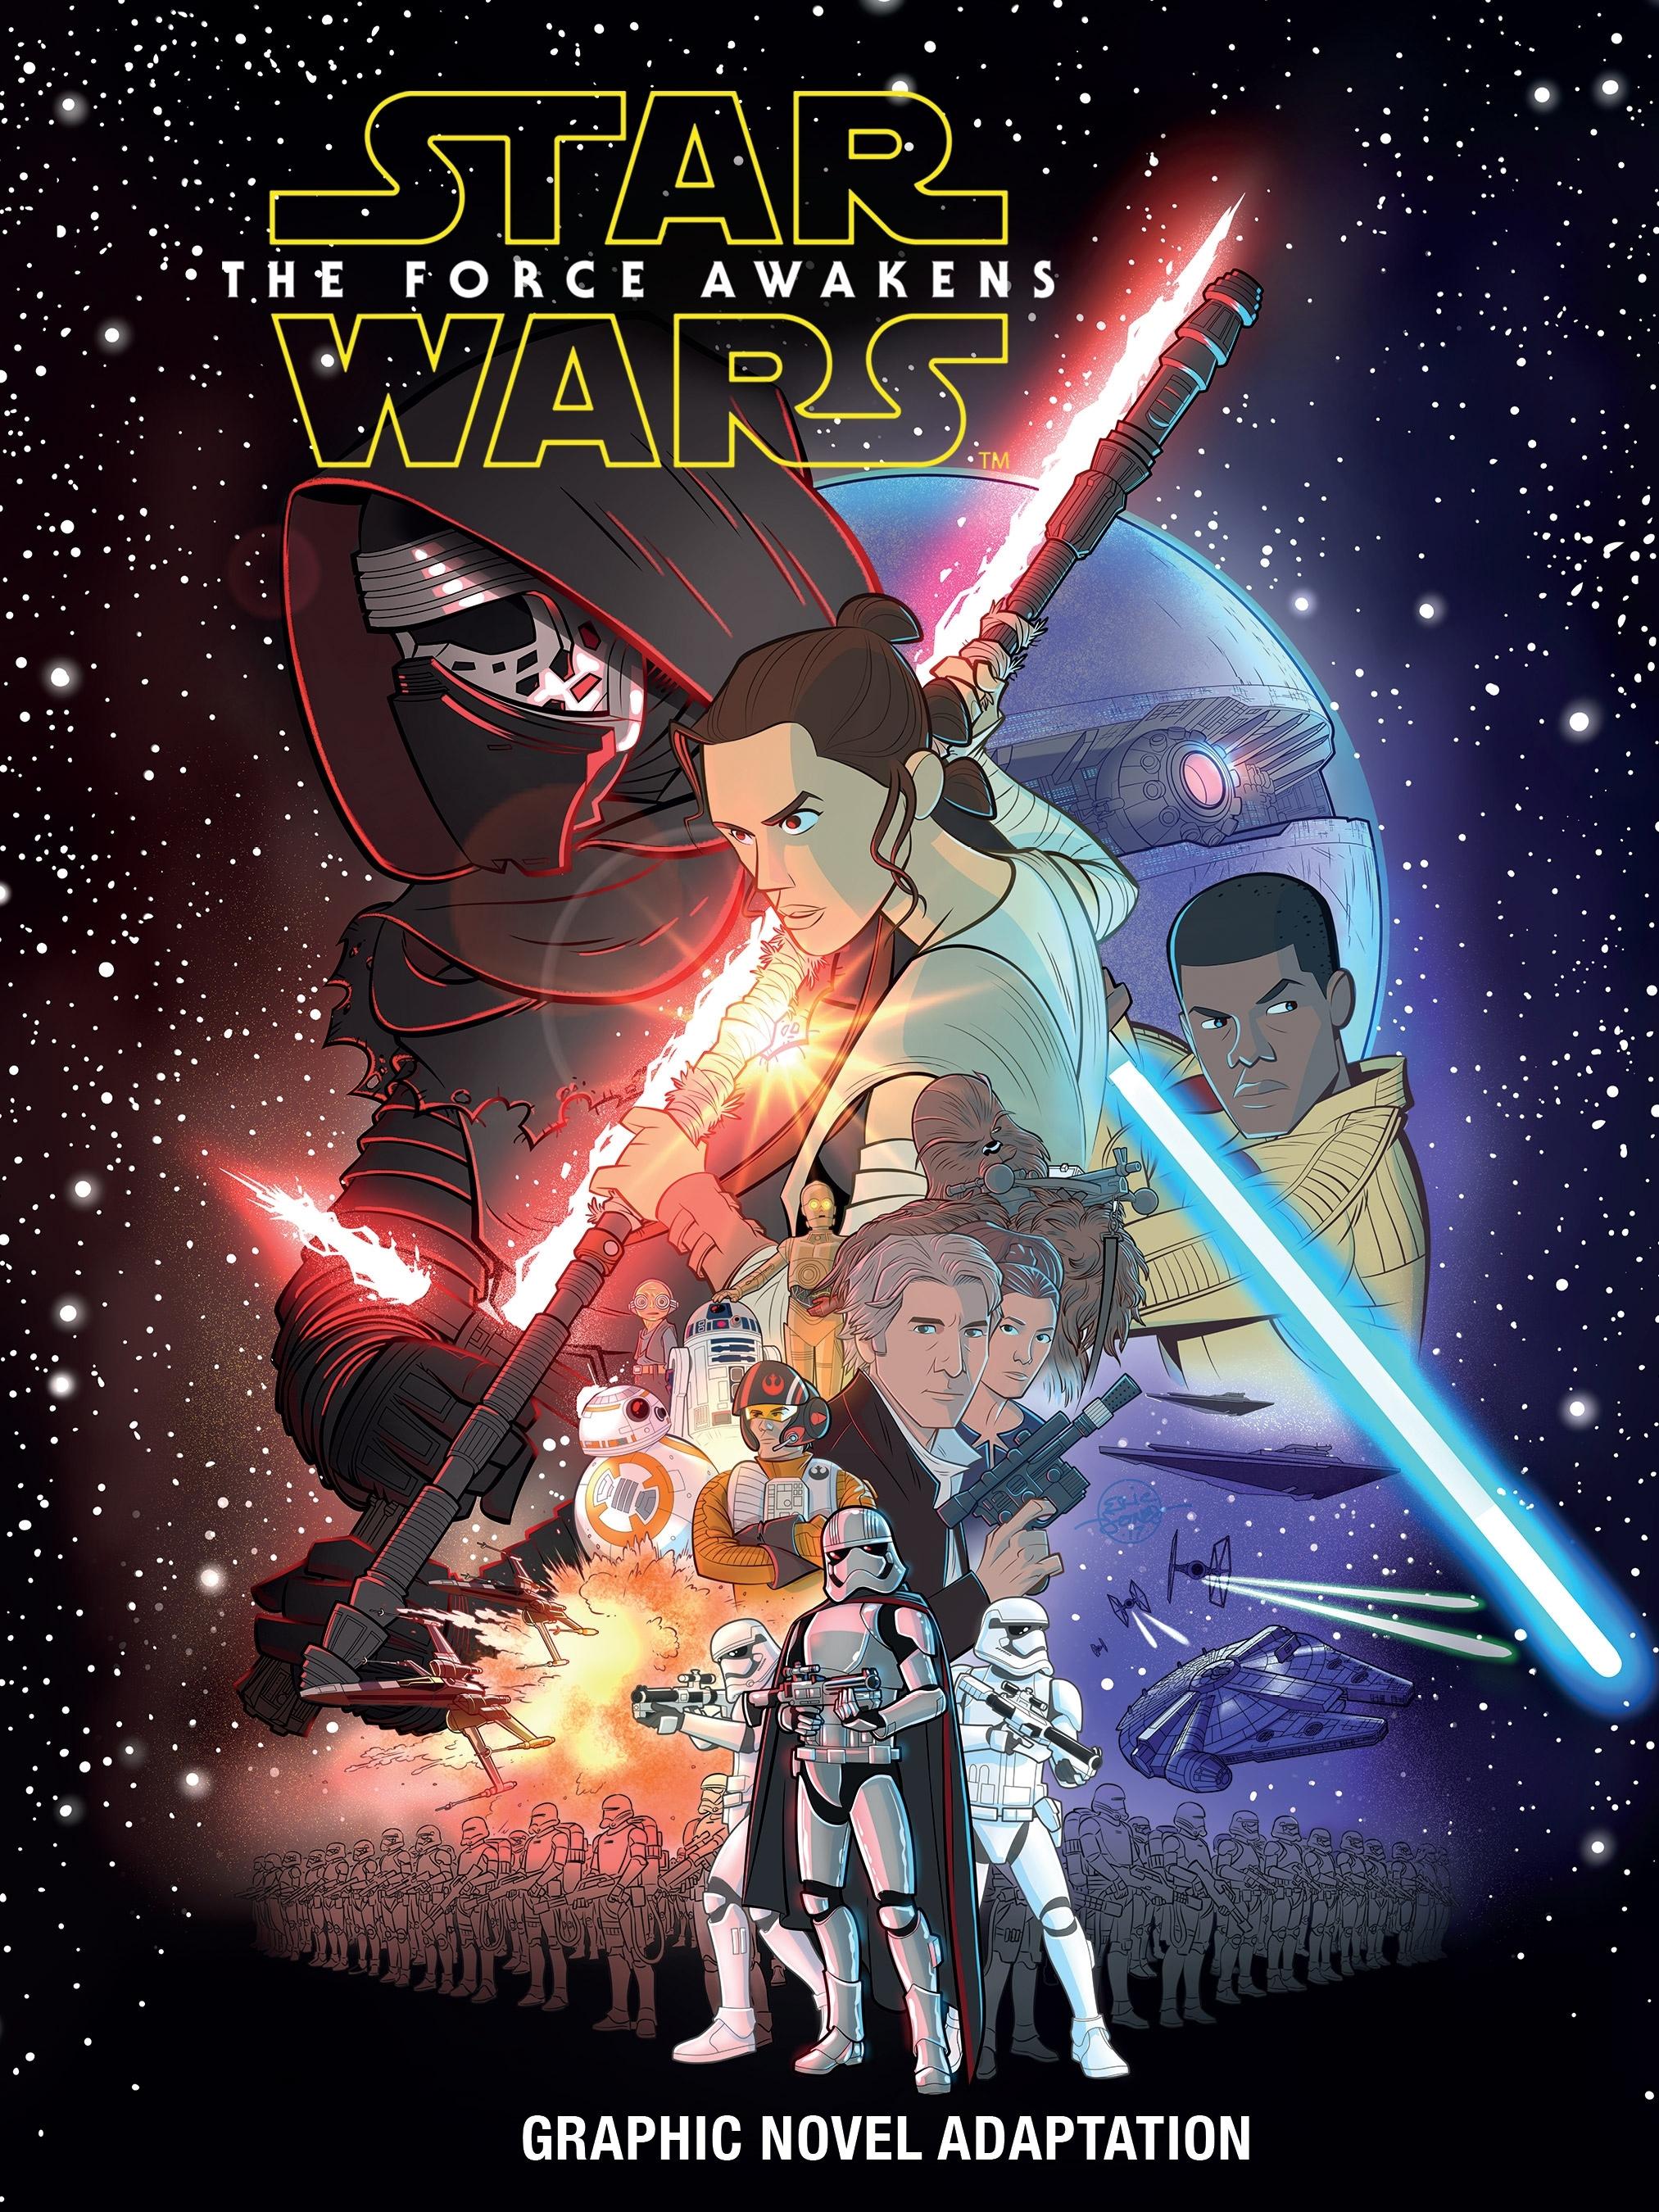 Star Wars 2017 Disney Droid Factory BB-8 The Force Awakens TFA The Last Jedi New